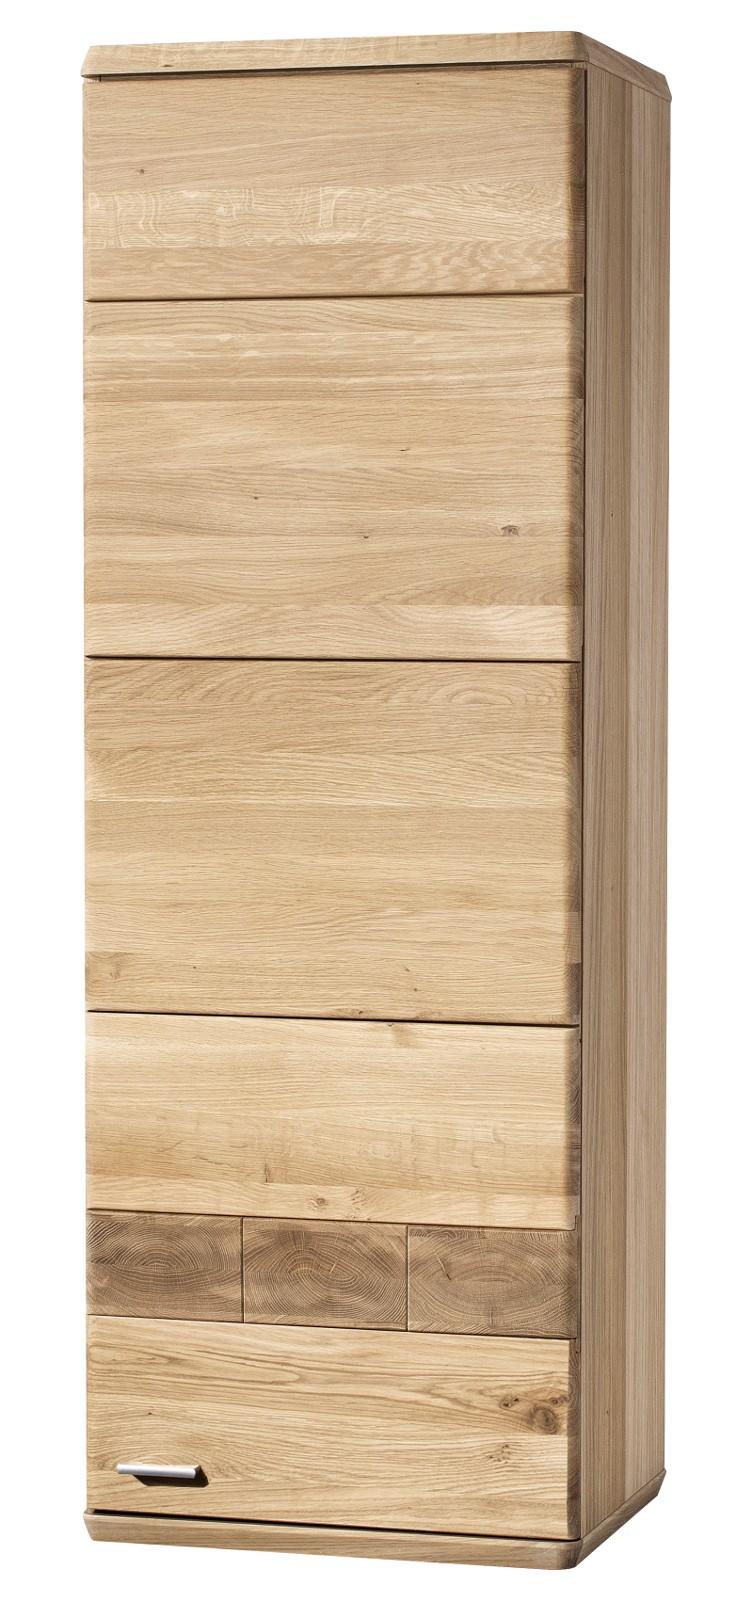 Andere Hängeschrank MILANO  Farbe Natur Eiche, Wildeiche Massivholz / Teilmassiv Breite 48,6 cm